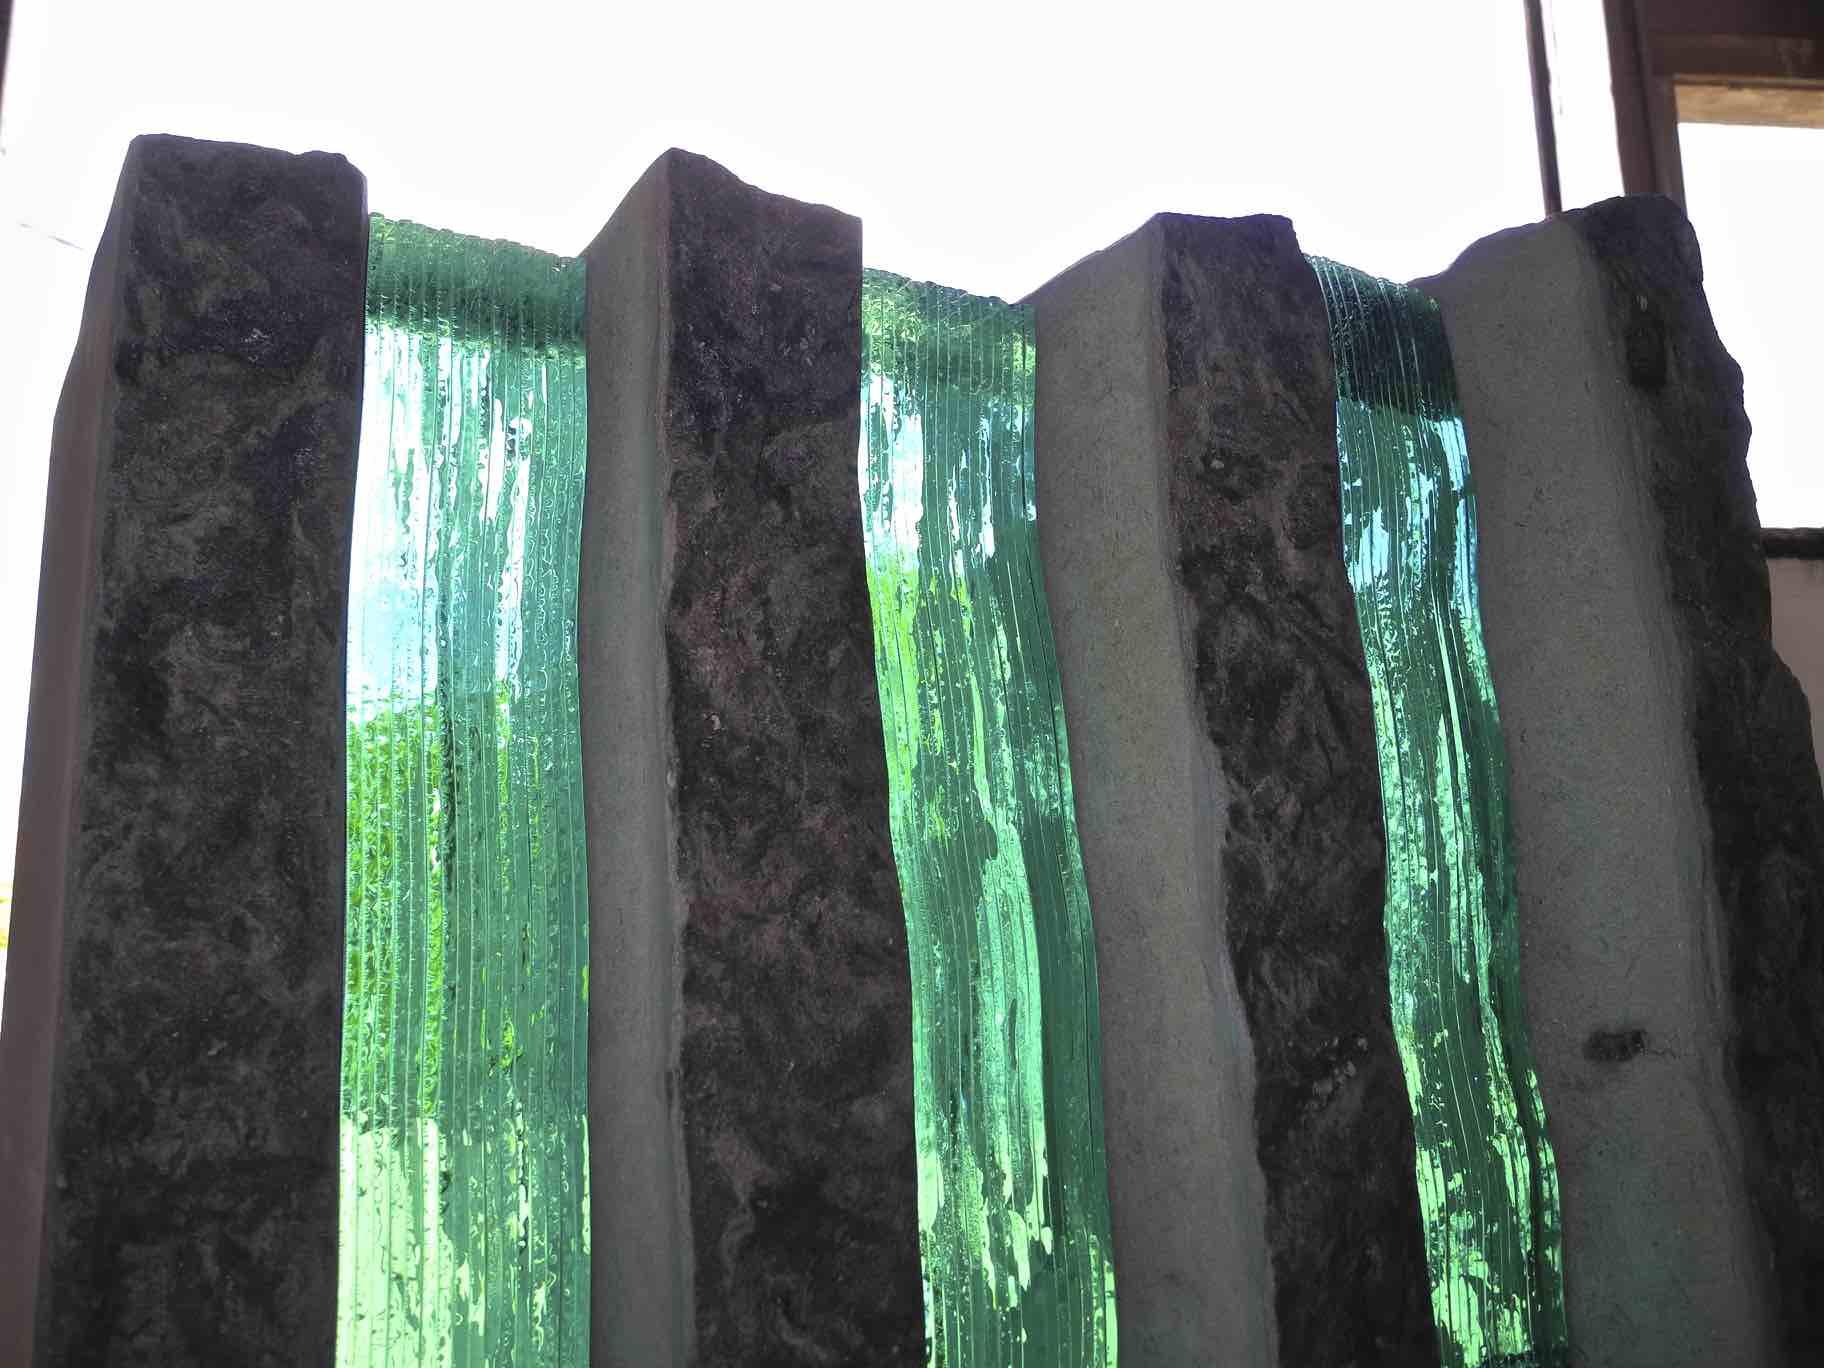 Masbruch Monolith